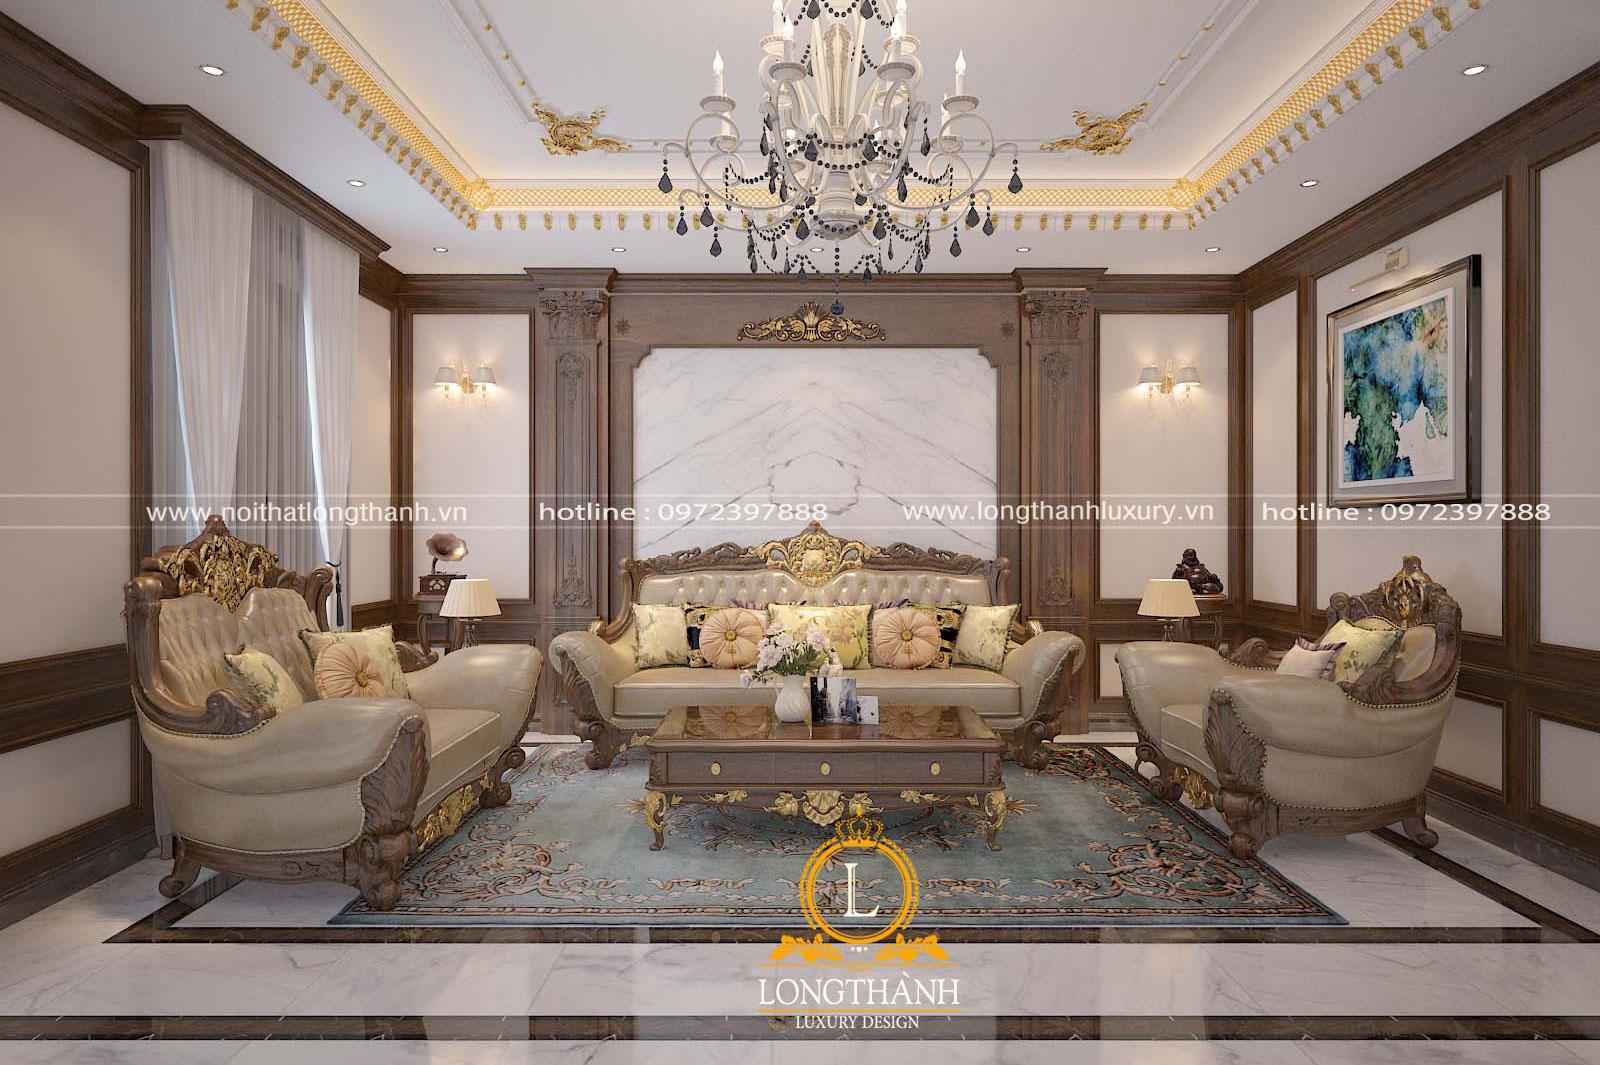 Không gian phòng khách hài hòa với diện trần tường cùng đồ nội thất đẹp